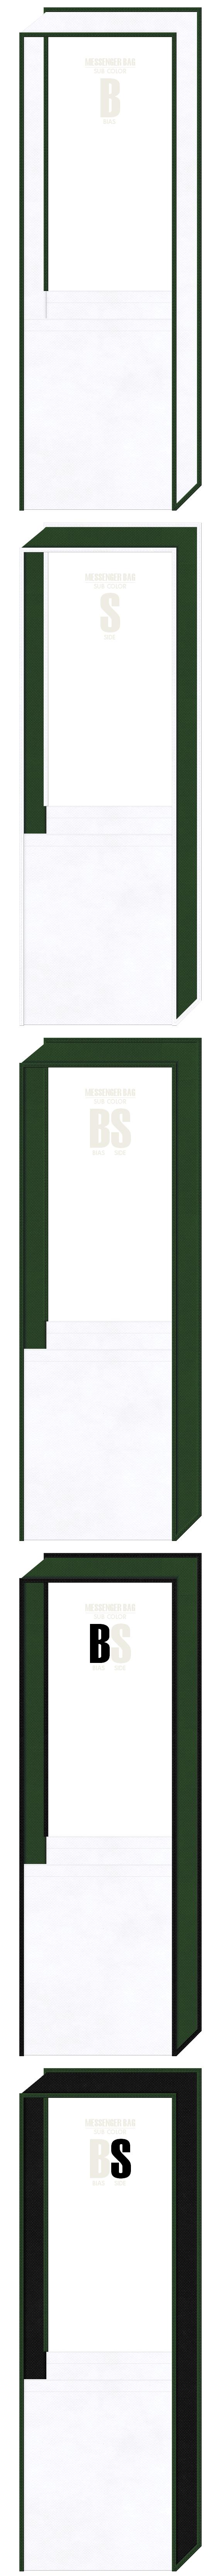 学校・学園・オープンキャンパスのバッグにお奨め:白色・濃緑色・黒色の3色を使用した、不織布メッセンジャーバッグのデザイン